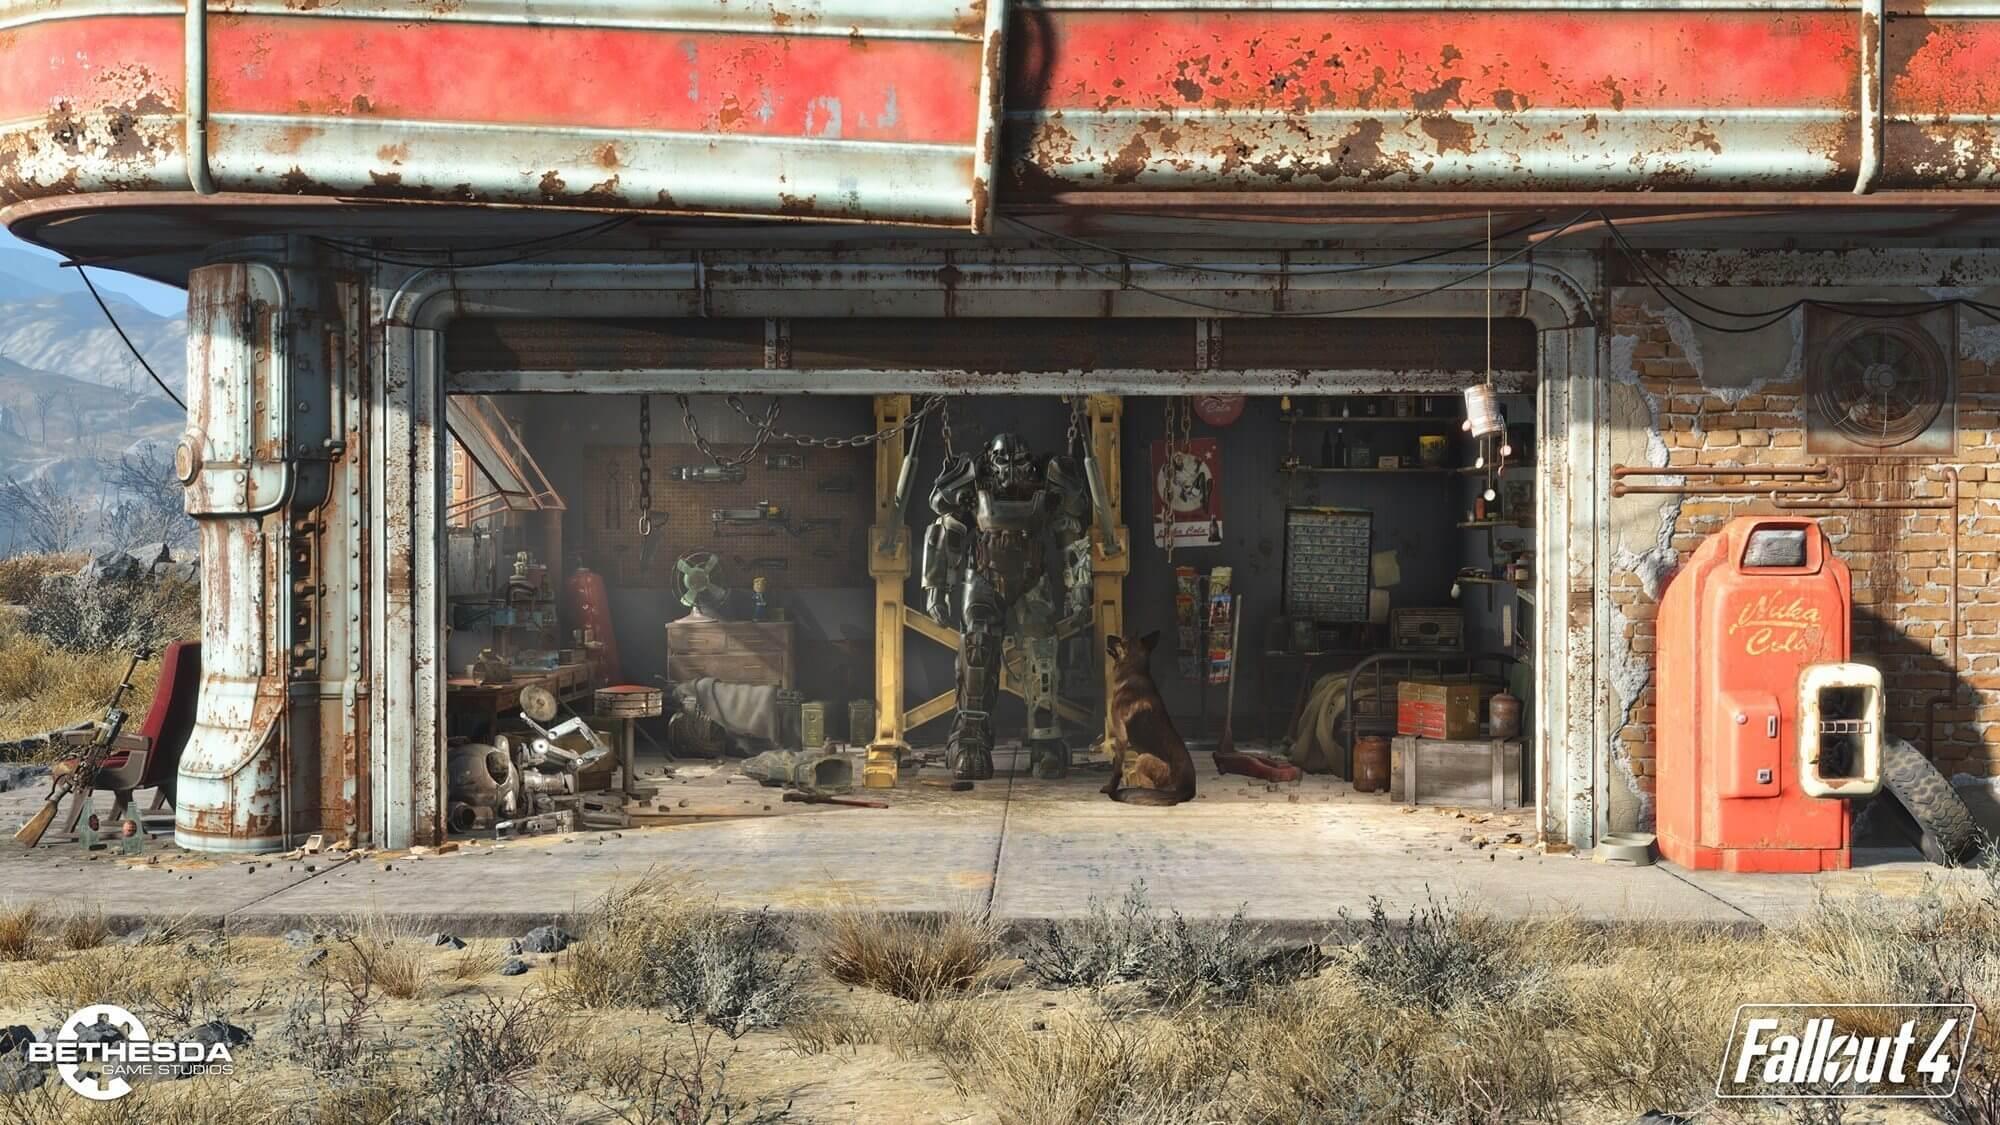 fallout 4 - Fallout 4: Bethesda lança trailer oficial e aplicativo